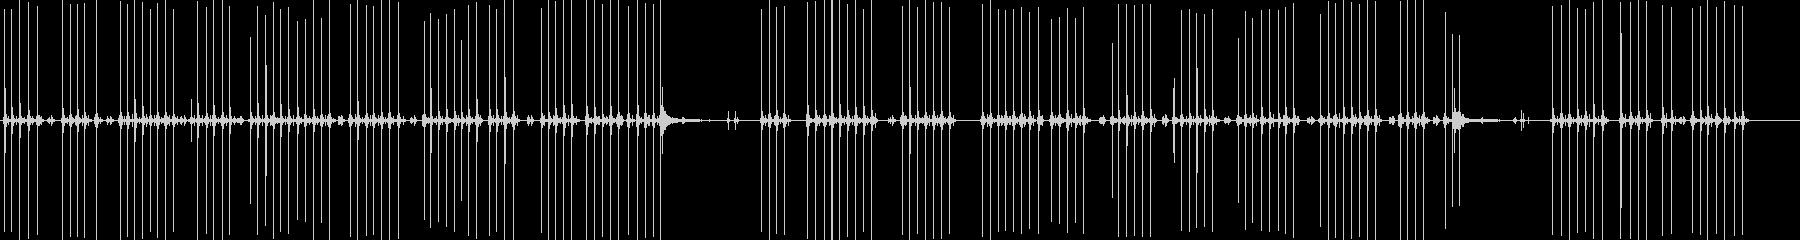 手動タイプライターの入力の未再生の波形